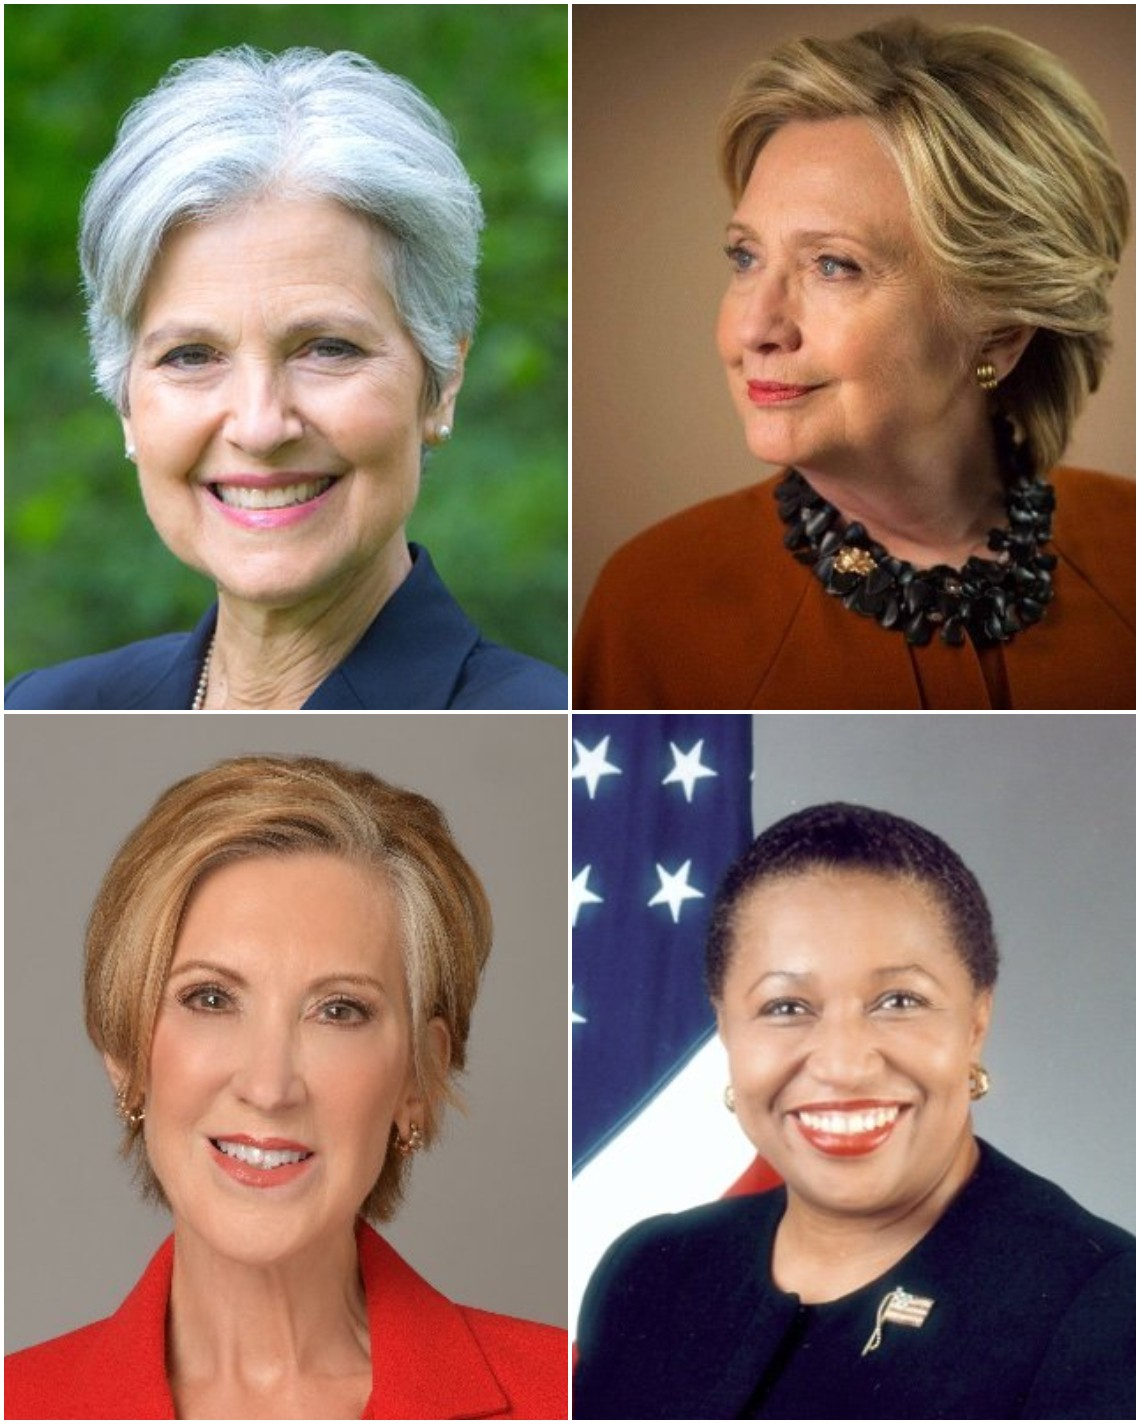 Οι γυναίκες άνω των 50 που διεκδίκησαν την προεδρία των ΗΠΑ